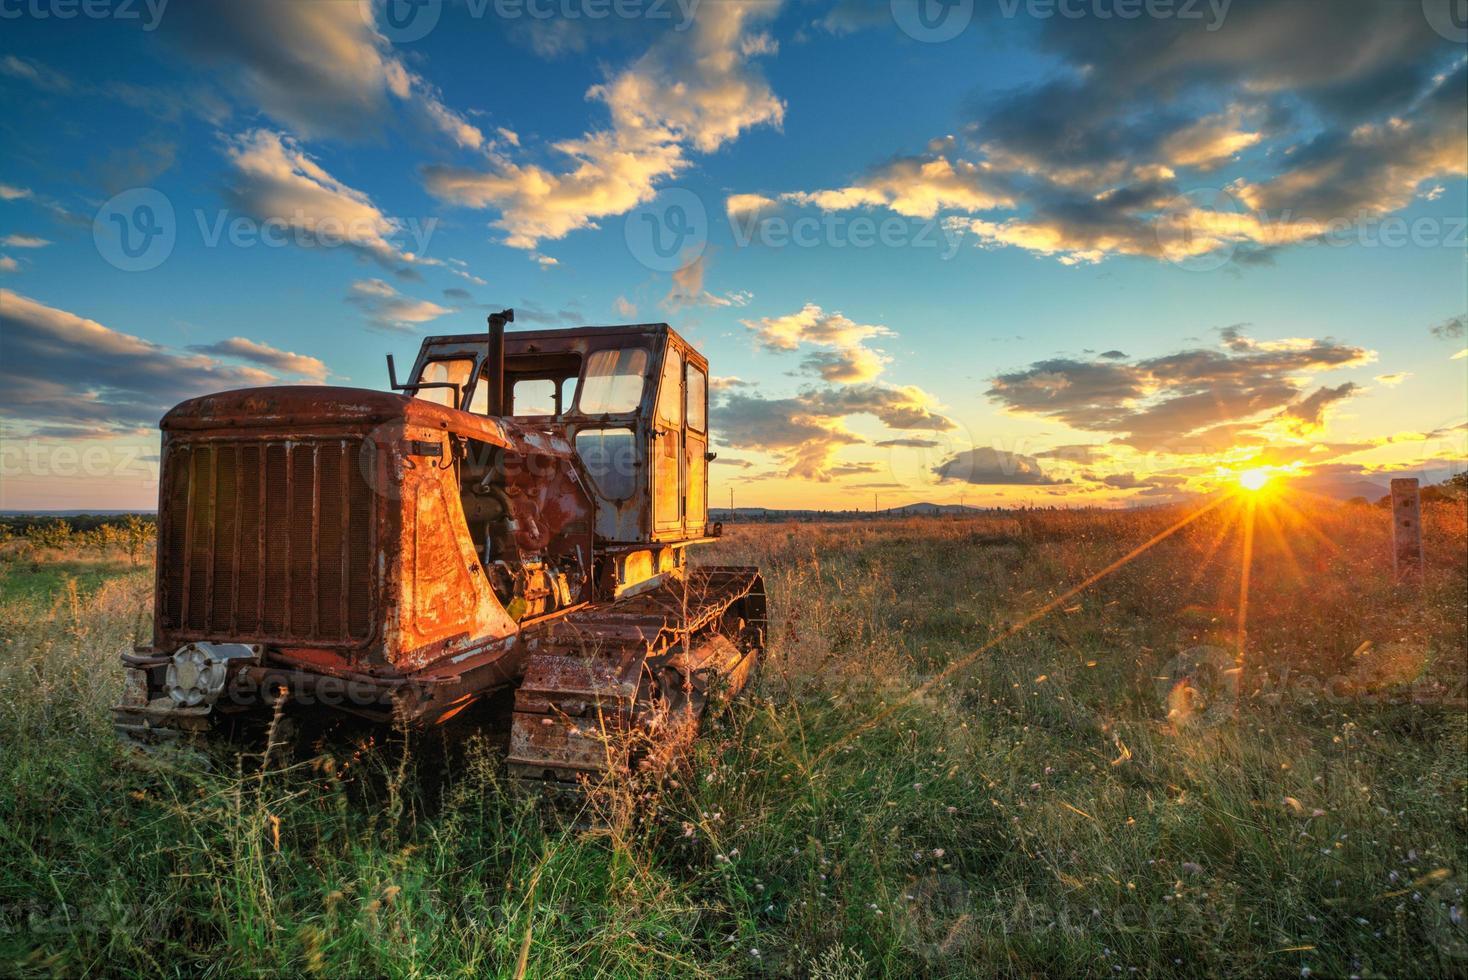 oude roestige trekker in een veld op zonsondergang foto